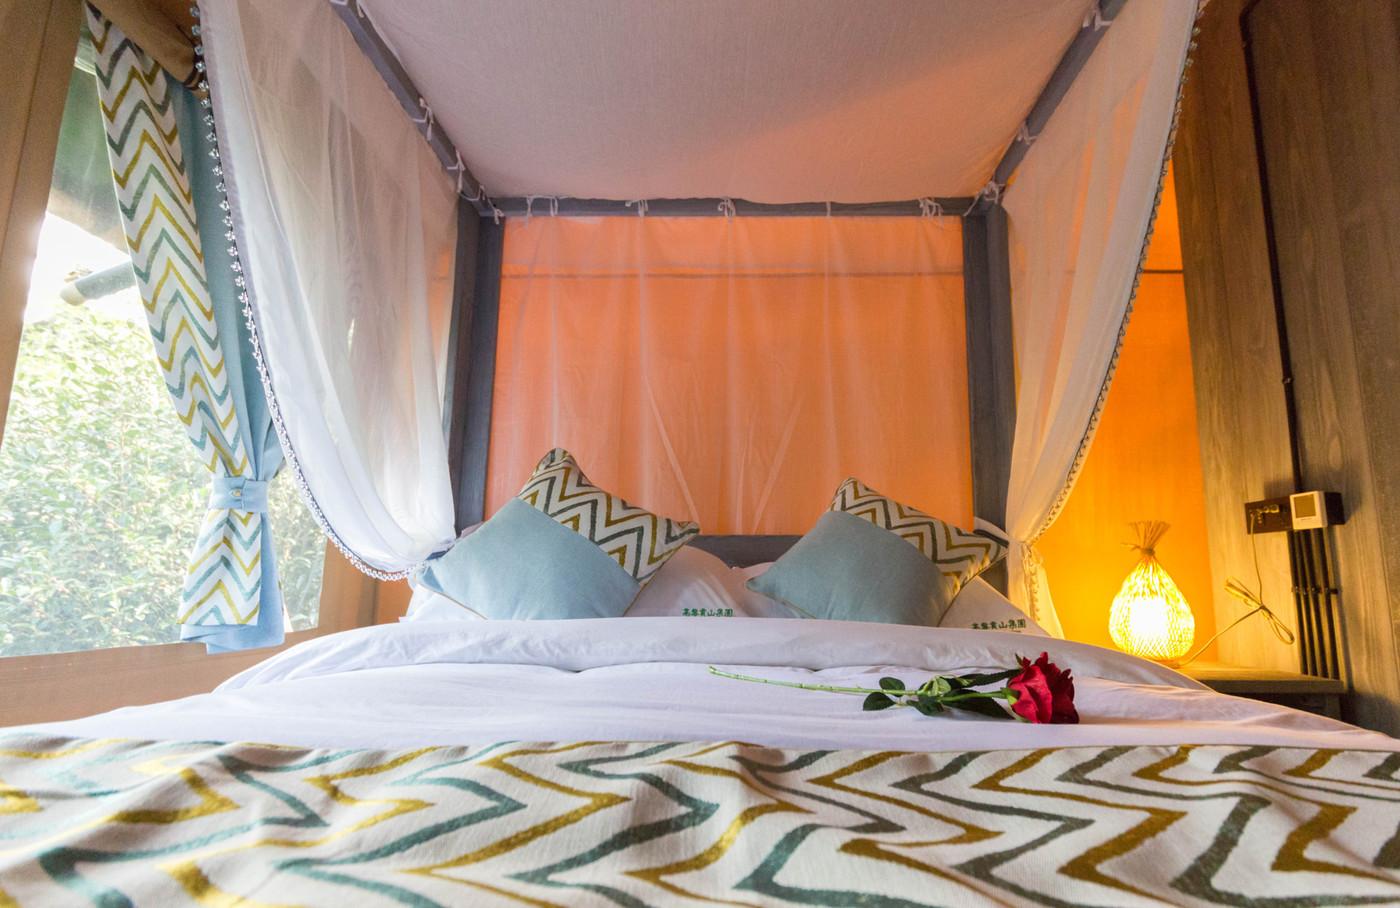 喜马拉雅野奢帐篷酒店—云南腾冲高黎贡山茶博园48